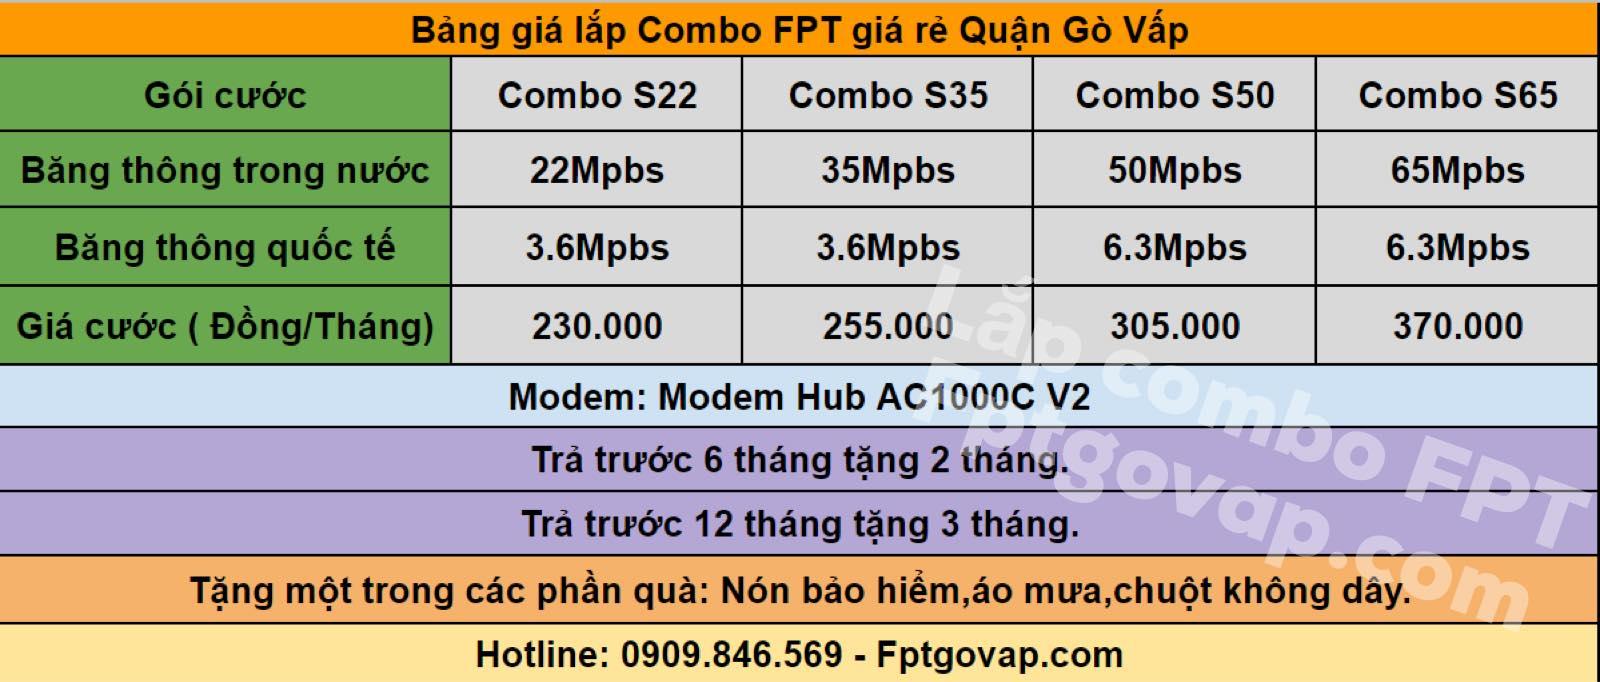 Bảng giá combo FPT Quận Gò Vấp mới nhất.